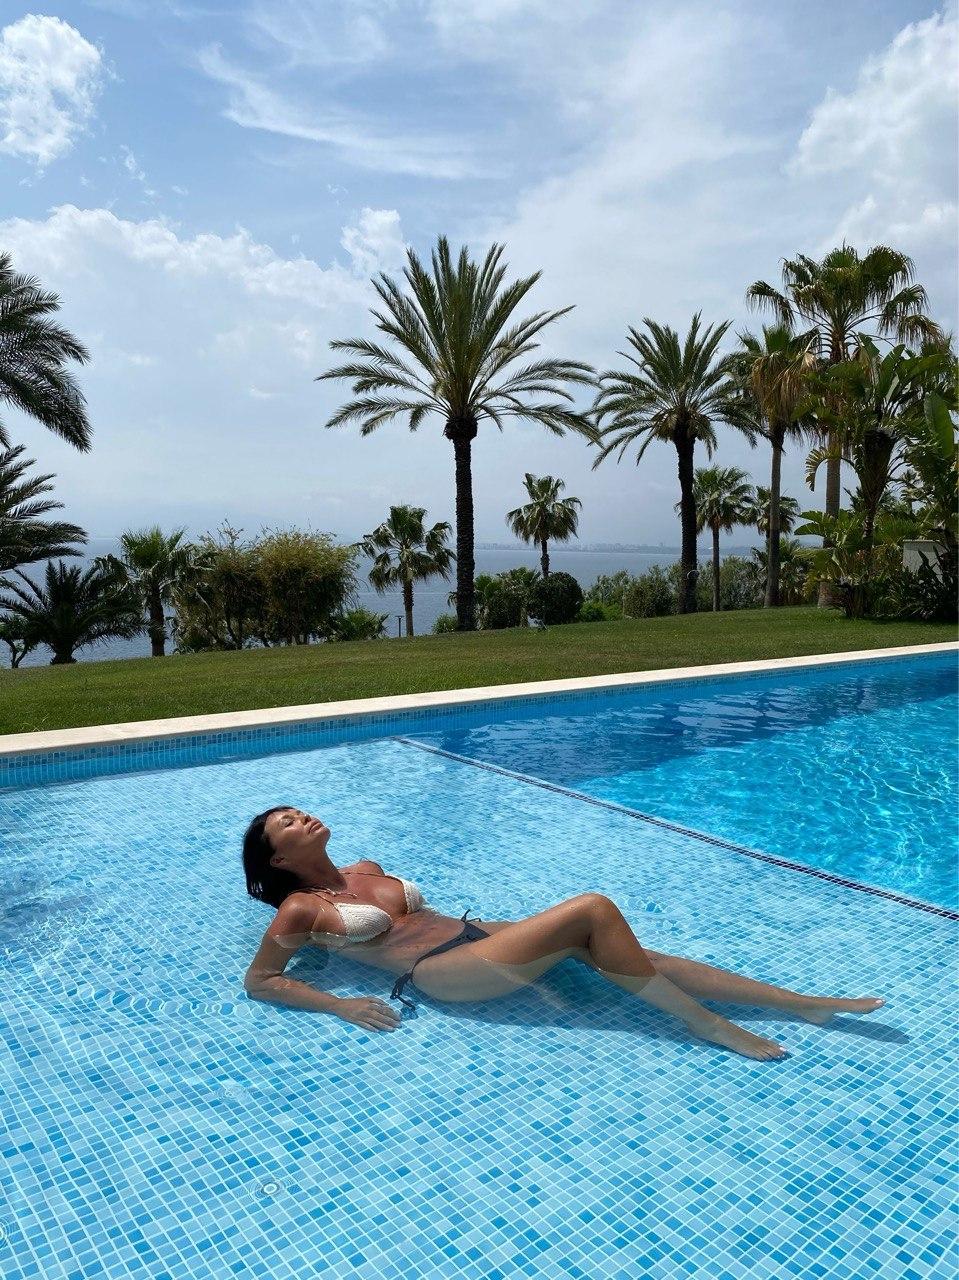 Ассия Ахат показала роскошную фигуру на Турецком побережье и рассказала об отдыхе во время локдауна (ФОТО) - фото №3